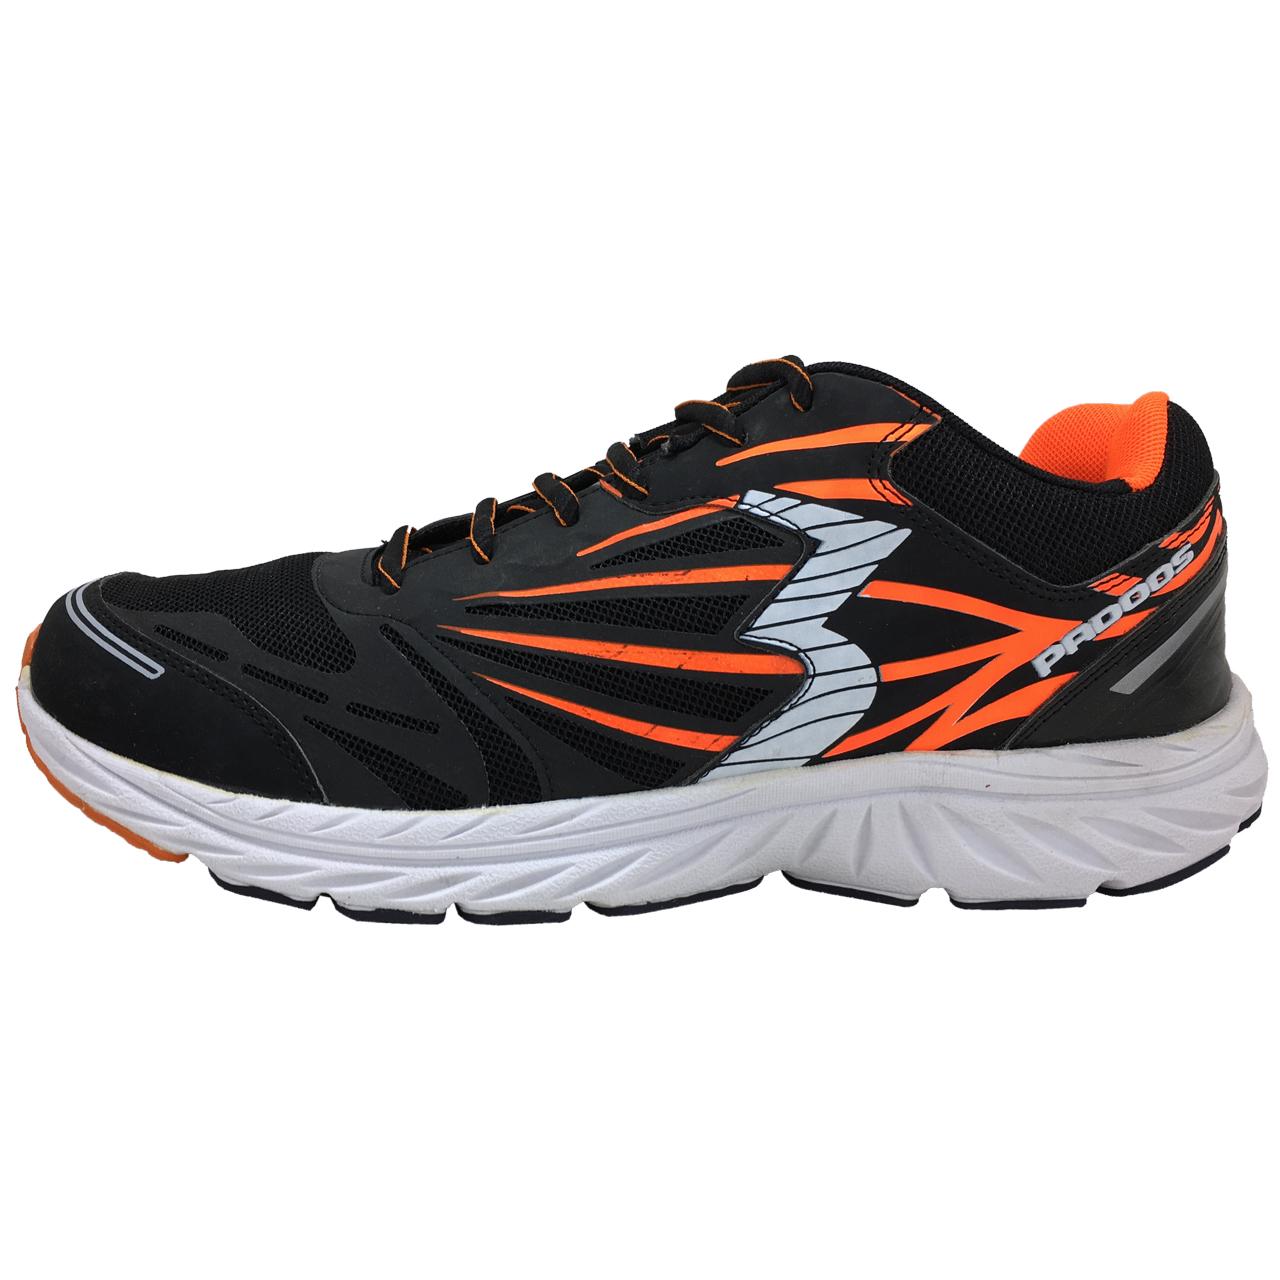 کفش مخصوص دویدن مردانه پادوس مدل ویتارا کد 2785